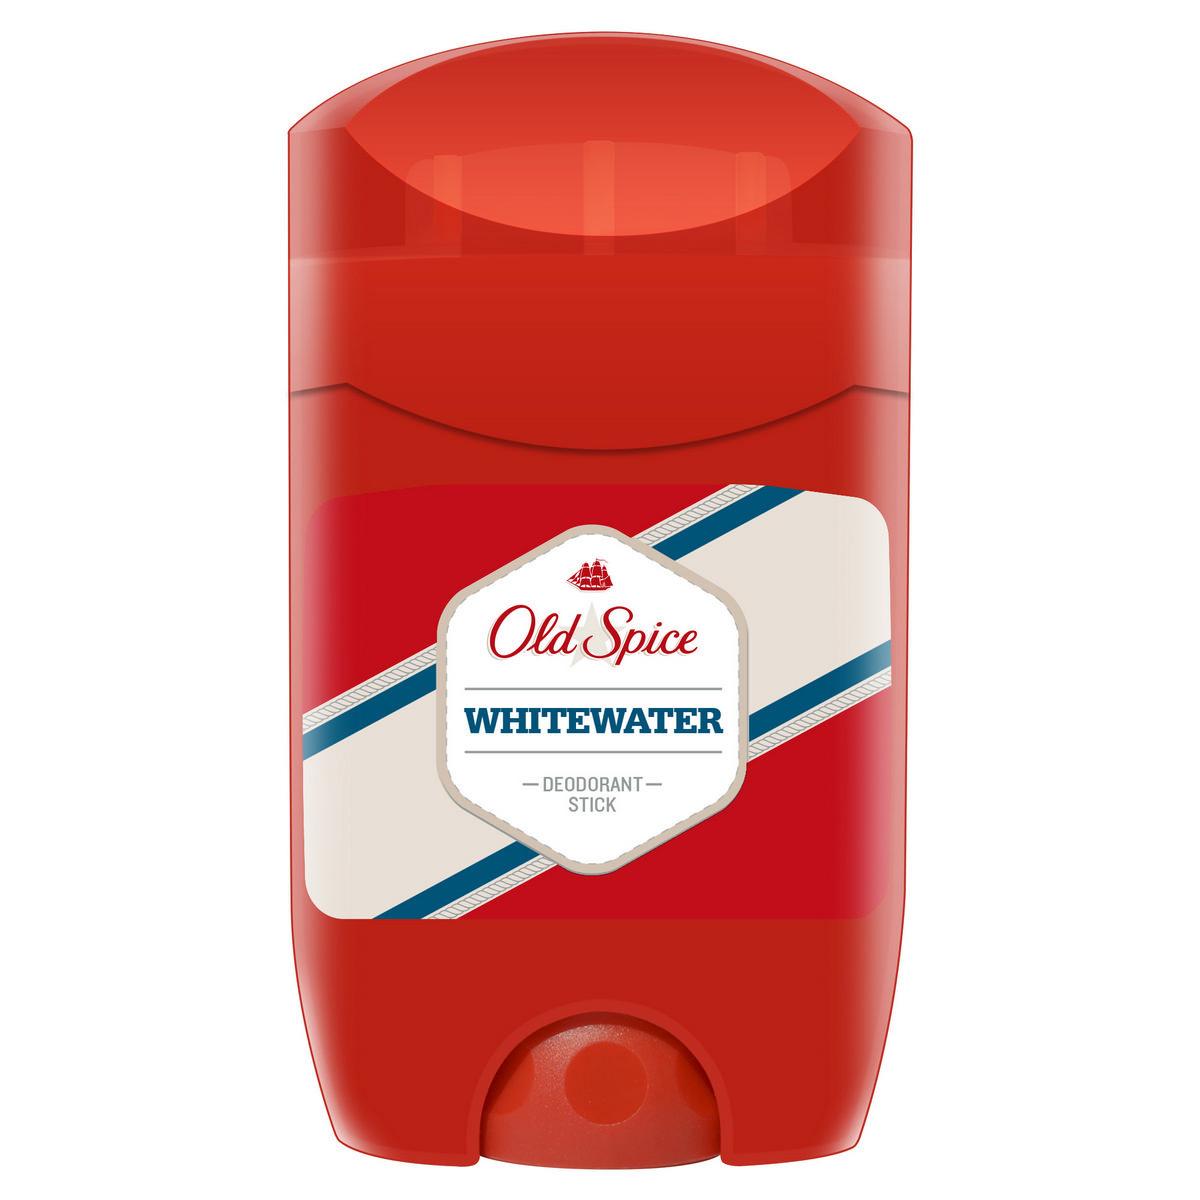 OLD SPICE Твердый дезодорант WhiteWater 50 млSatin Hair 7 BR730MNМногие считают, что вода - самый мощный элемент на земле. Считают-то, конечно, многие, но все они неправы, так как вода, во-первых, не элемент, а во-вторых, Уран – 235 куда как мощнее. Тем не менее, если верить ученым, Old Spice Whitewater обладает самым свежим запахом, и в этом они абсолютно правы. Ну, по крайней мере те, кто следит за собой. Дезодорант Old Spice поможет тебе избавиться от неприятного запаха. Попробуй Old Spice уже сегодня и докажи, что его аромат — тот самый секретный компонент эликсира мужественности.